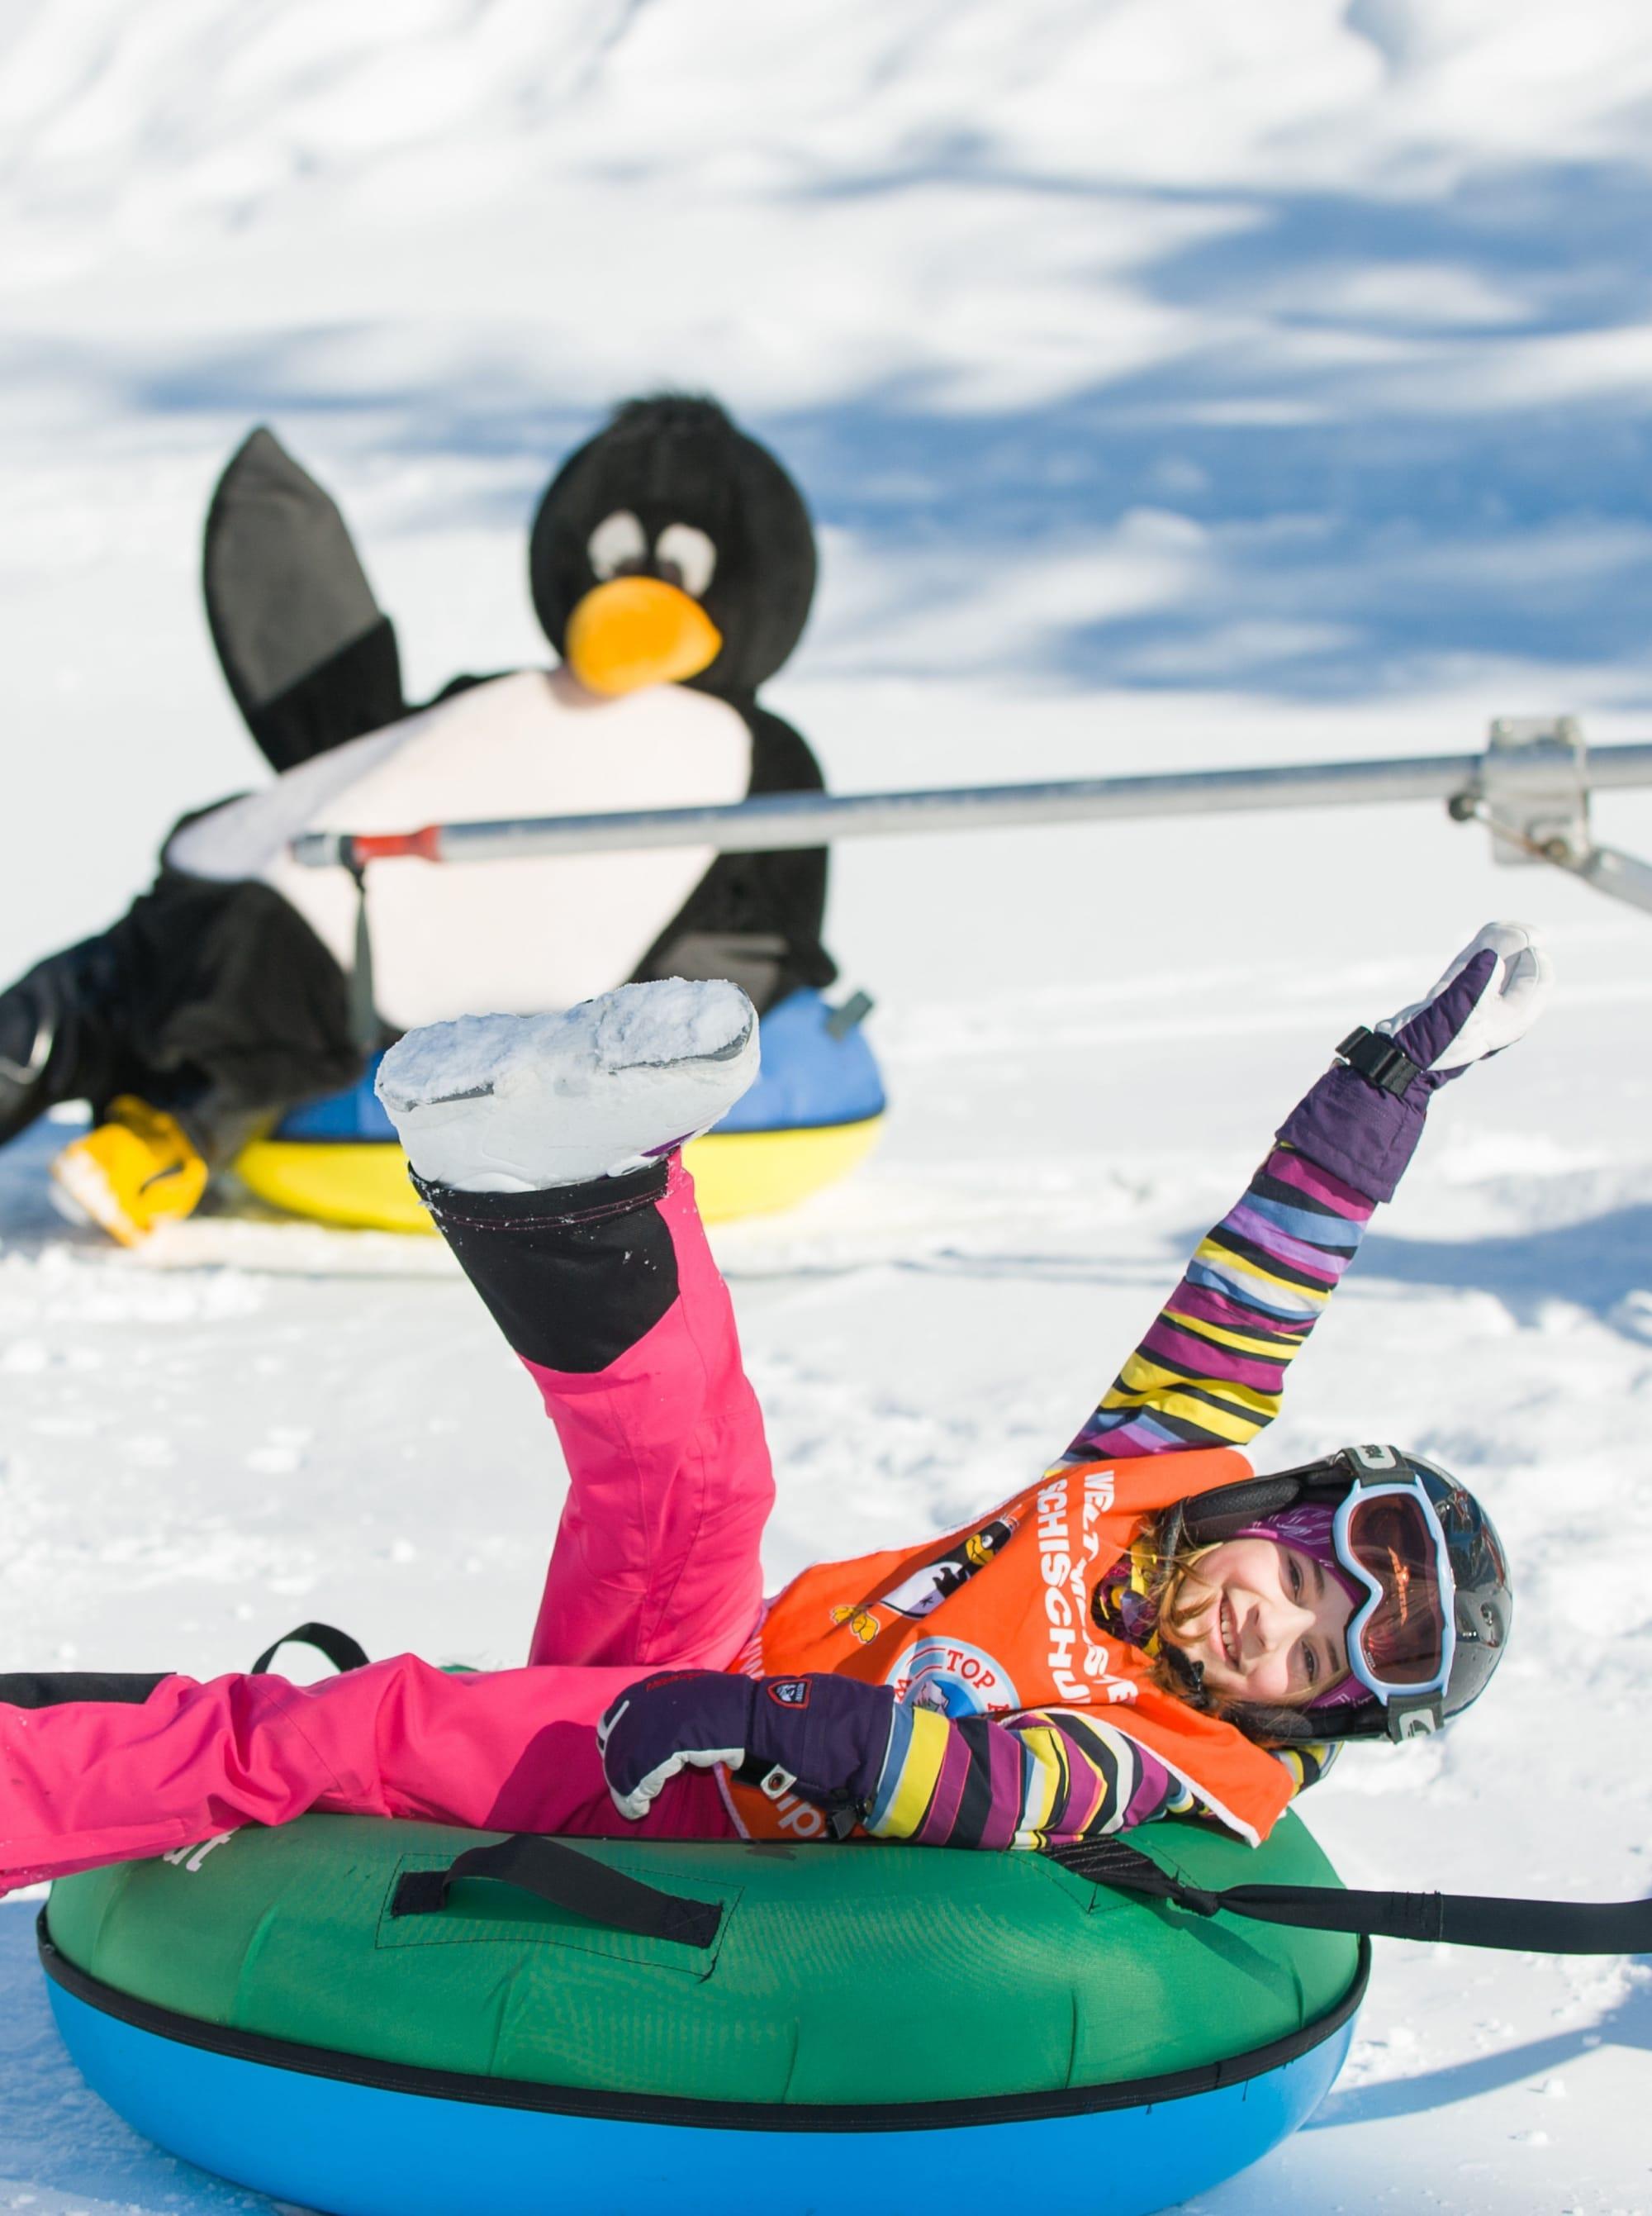 Kind auf aufblasbarem Reifen im Schnee in Zauchensee